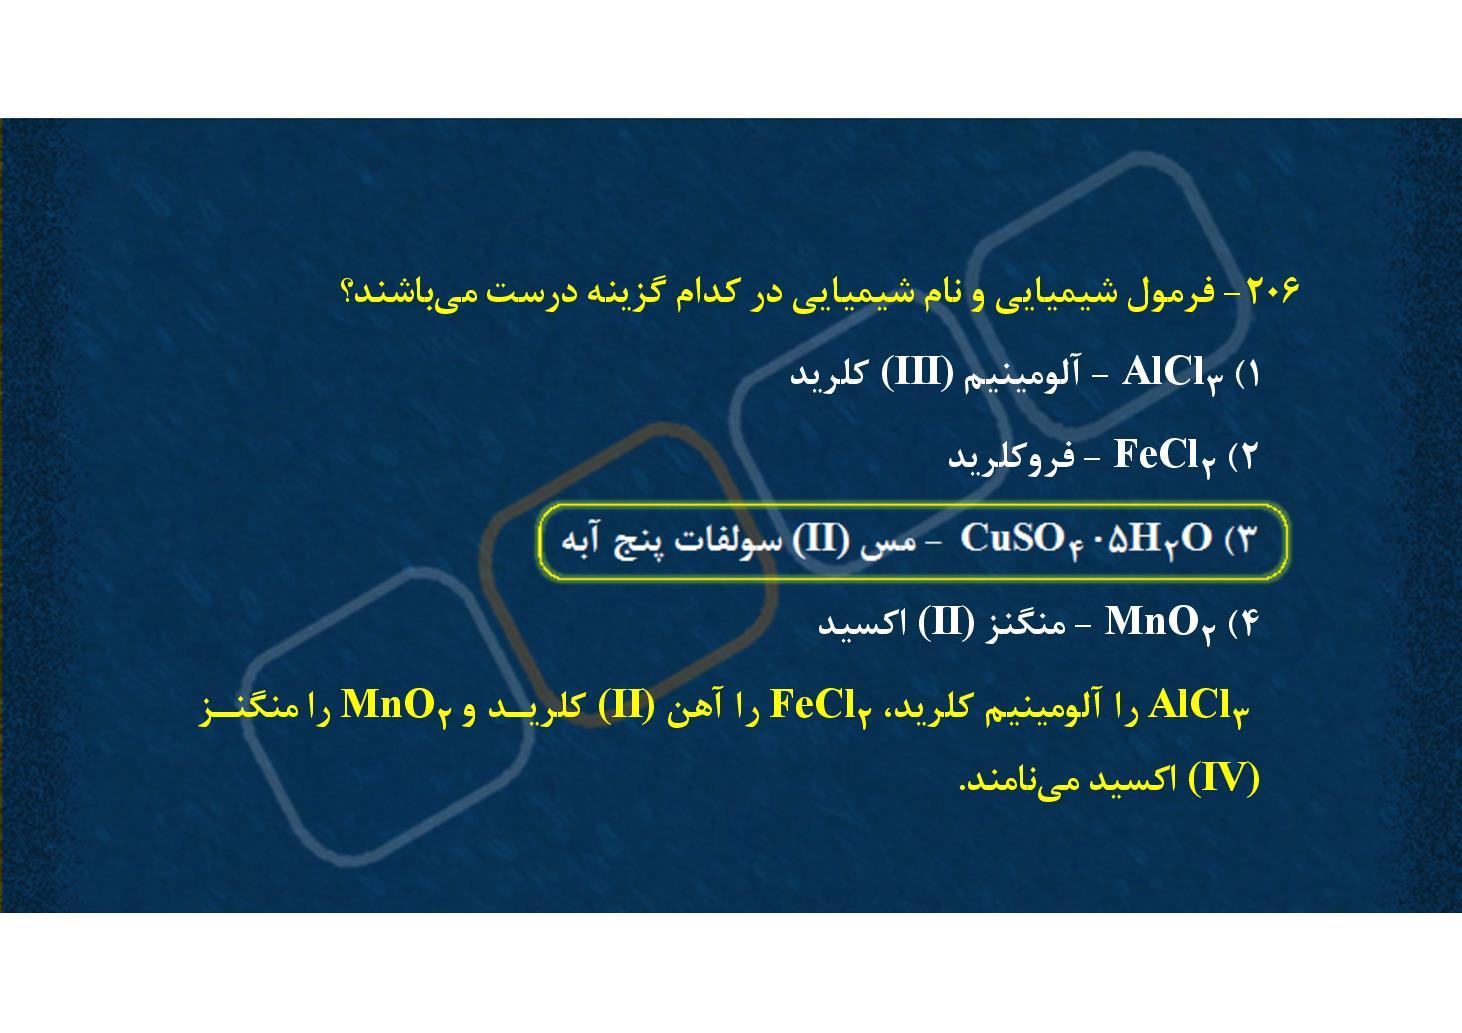 ترکیب های یونی چندتایی و نامگذاری آنها (PDF)